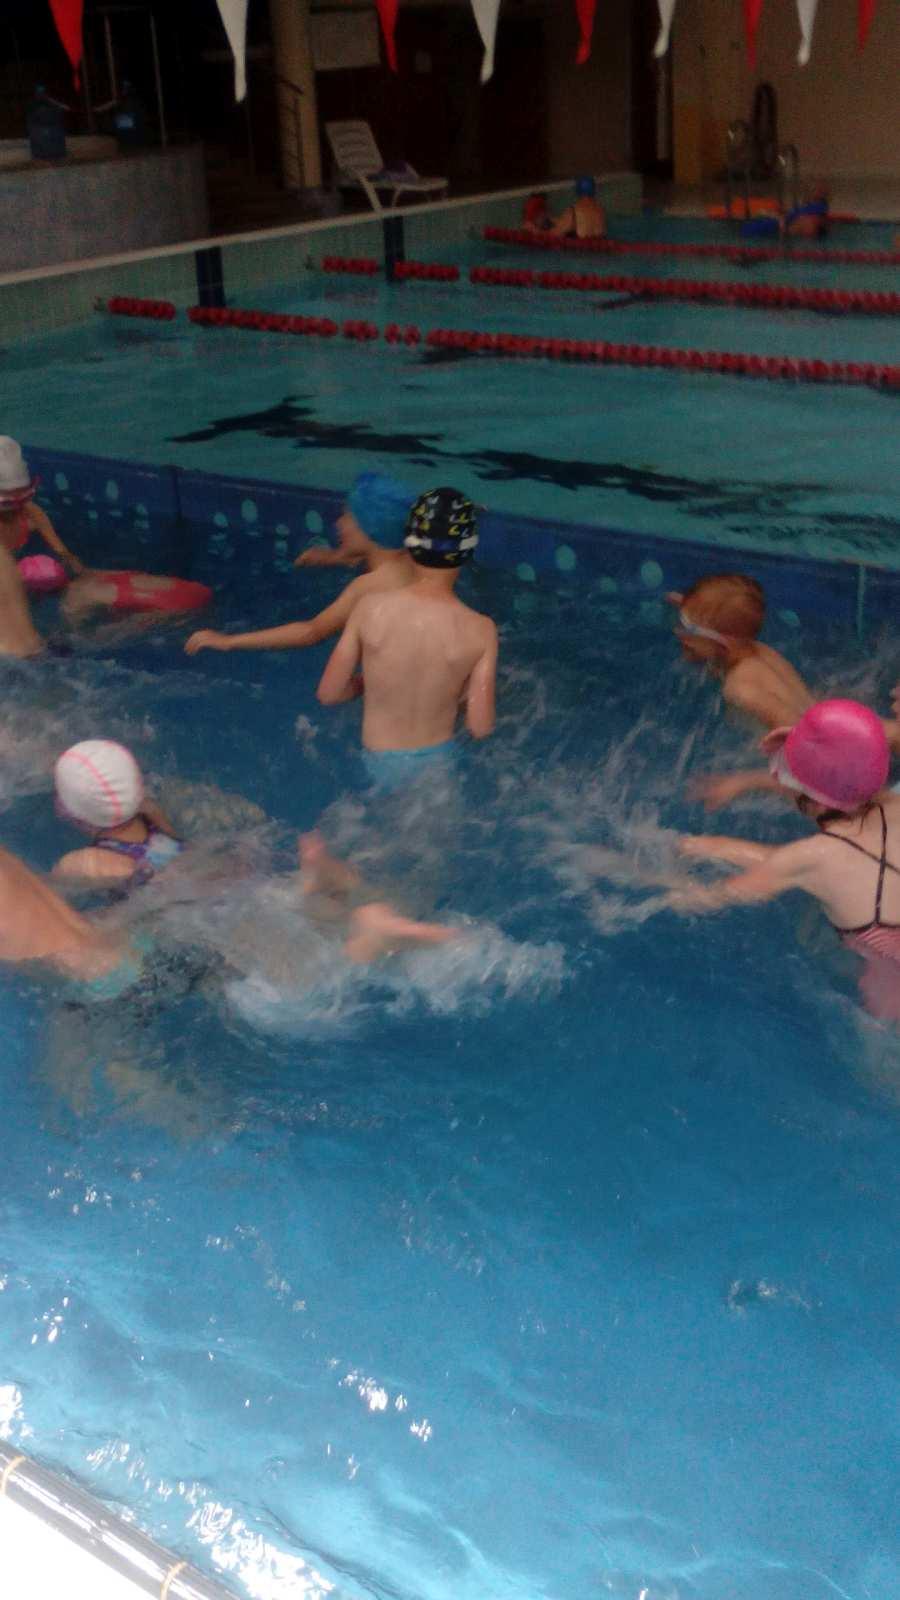 jak nauczyc sie plywac na krytym basenie   Medycynapl